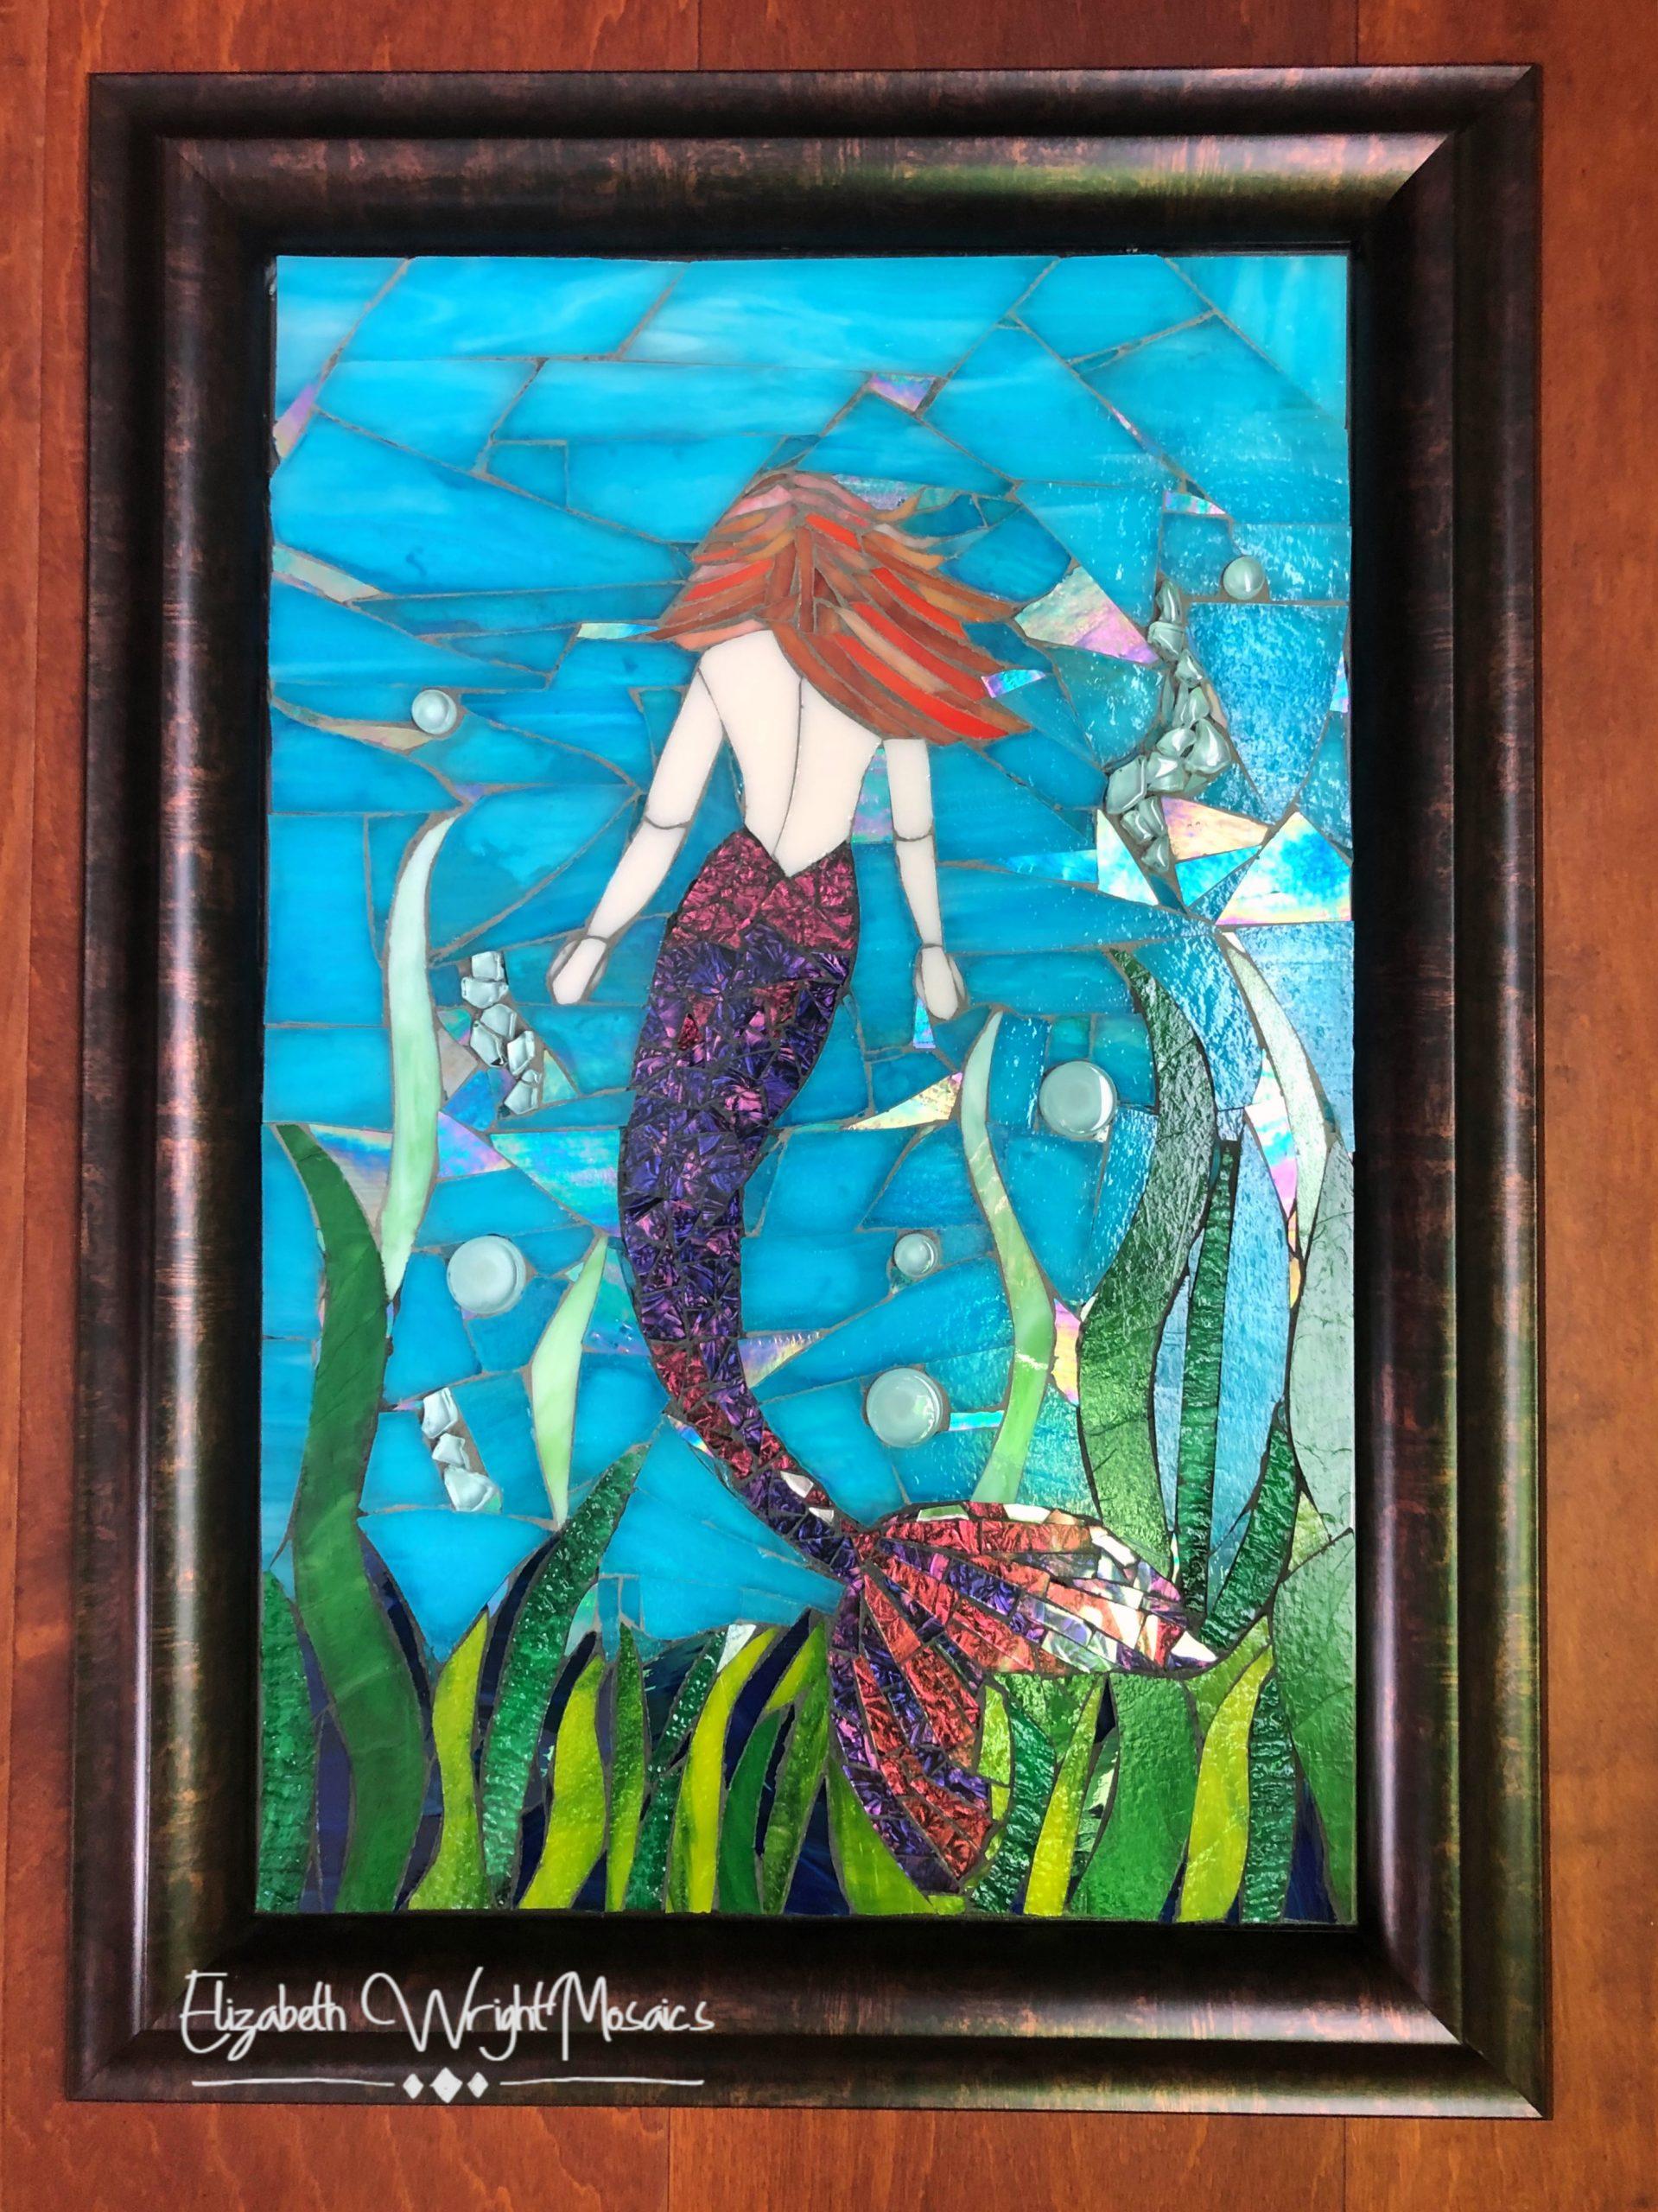 Halia – The Mermaid